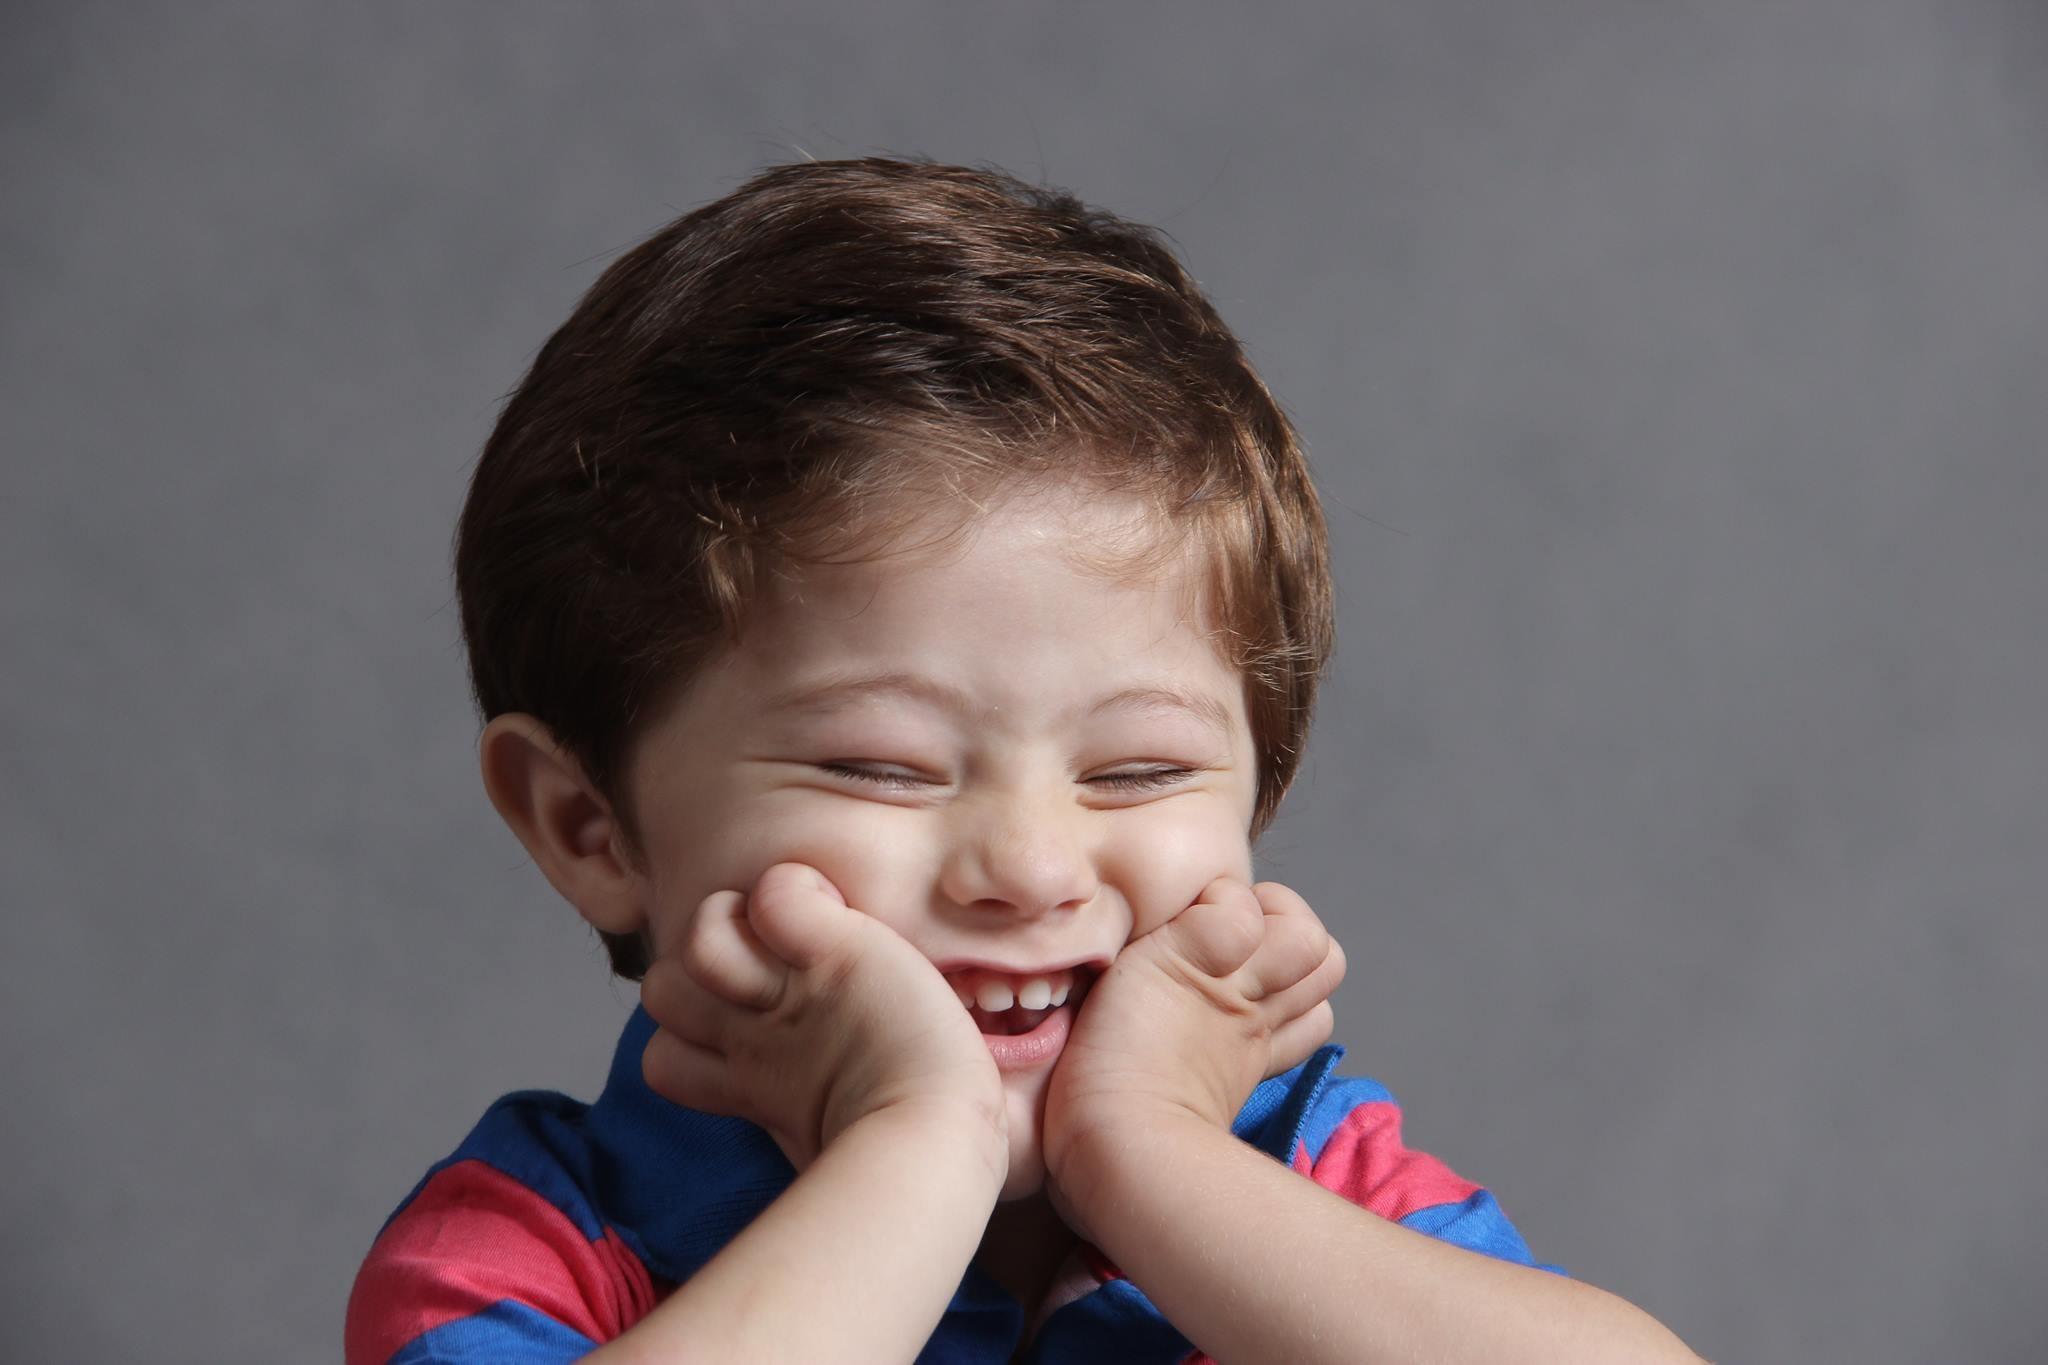 помощью можно картинки смех эмоции позже семья